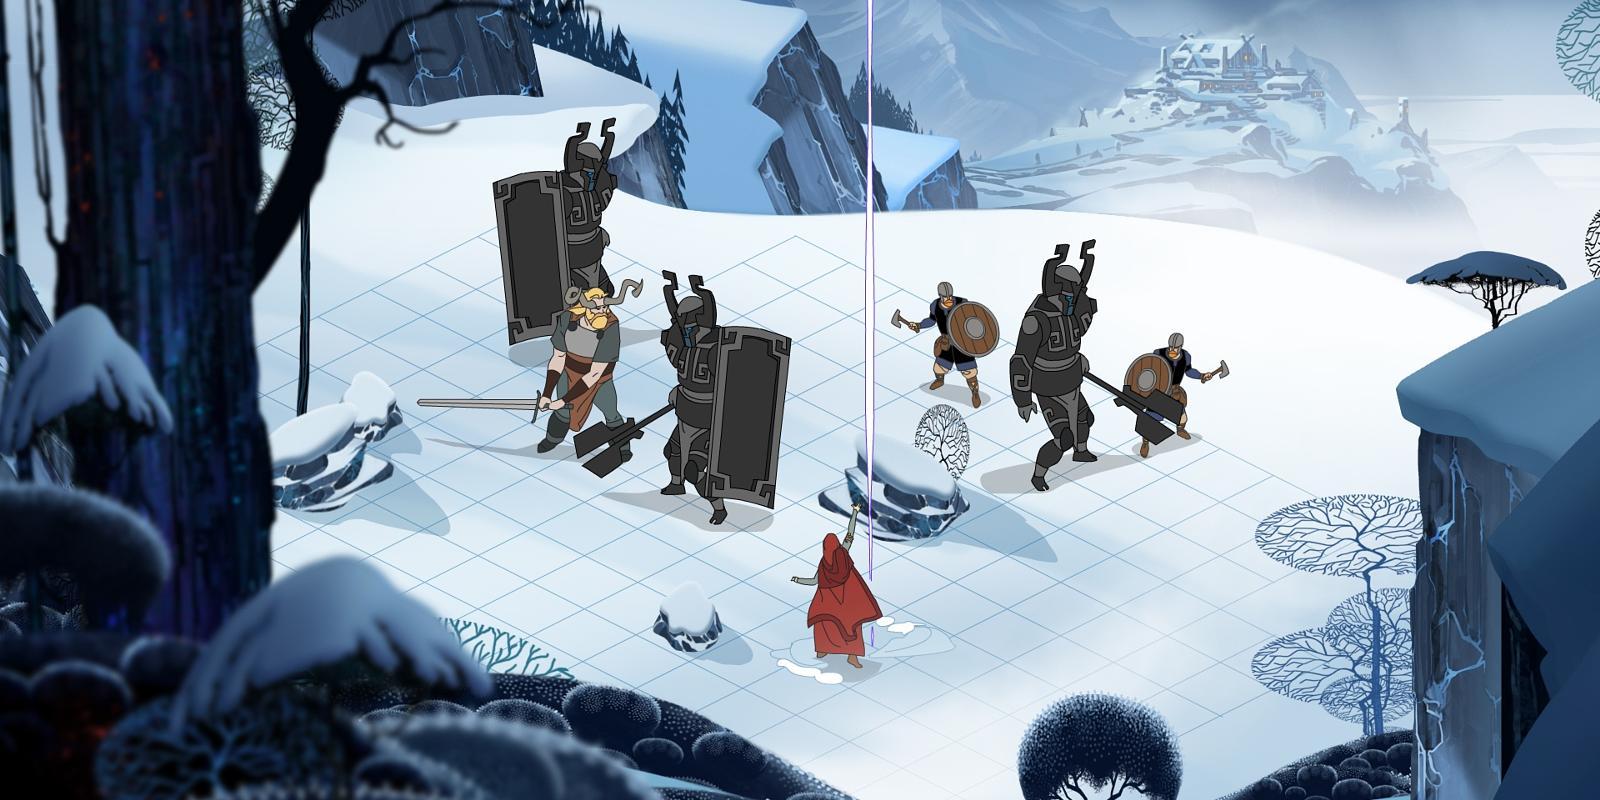 landscape_gaming-the-banner-saga